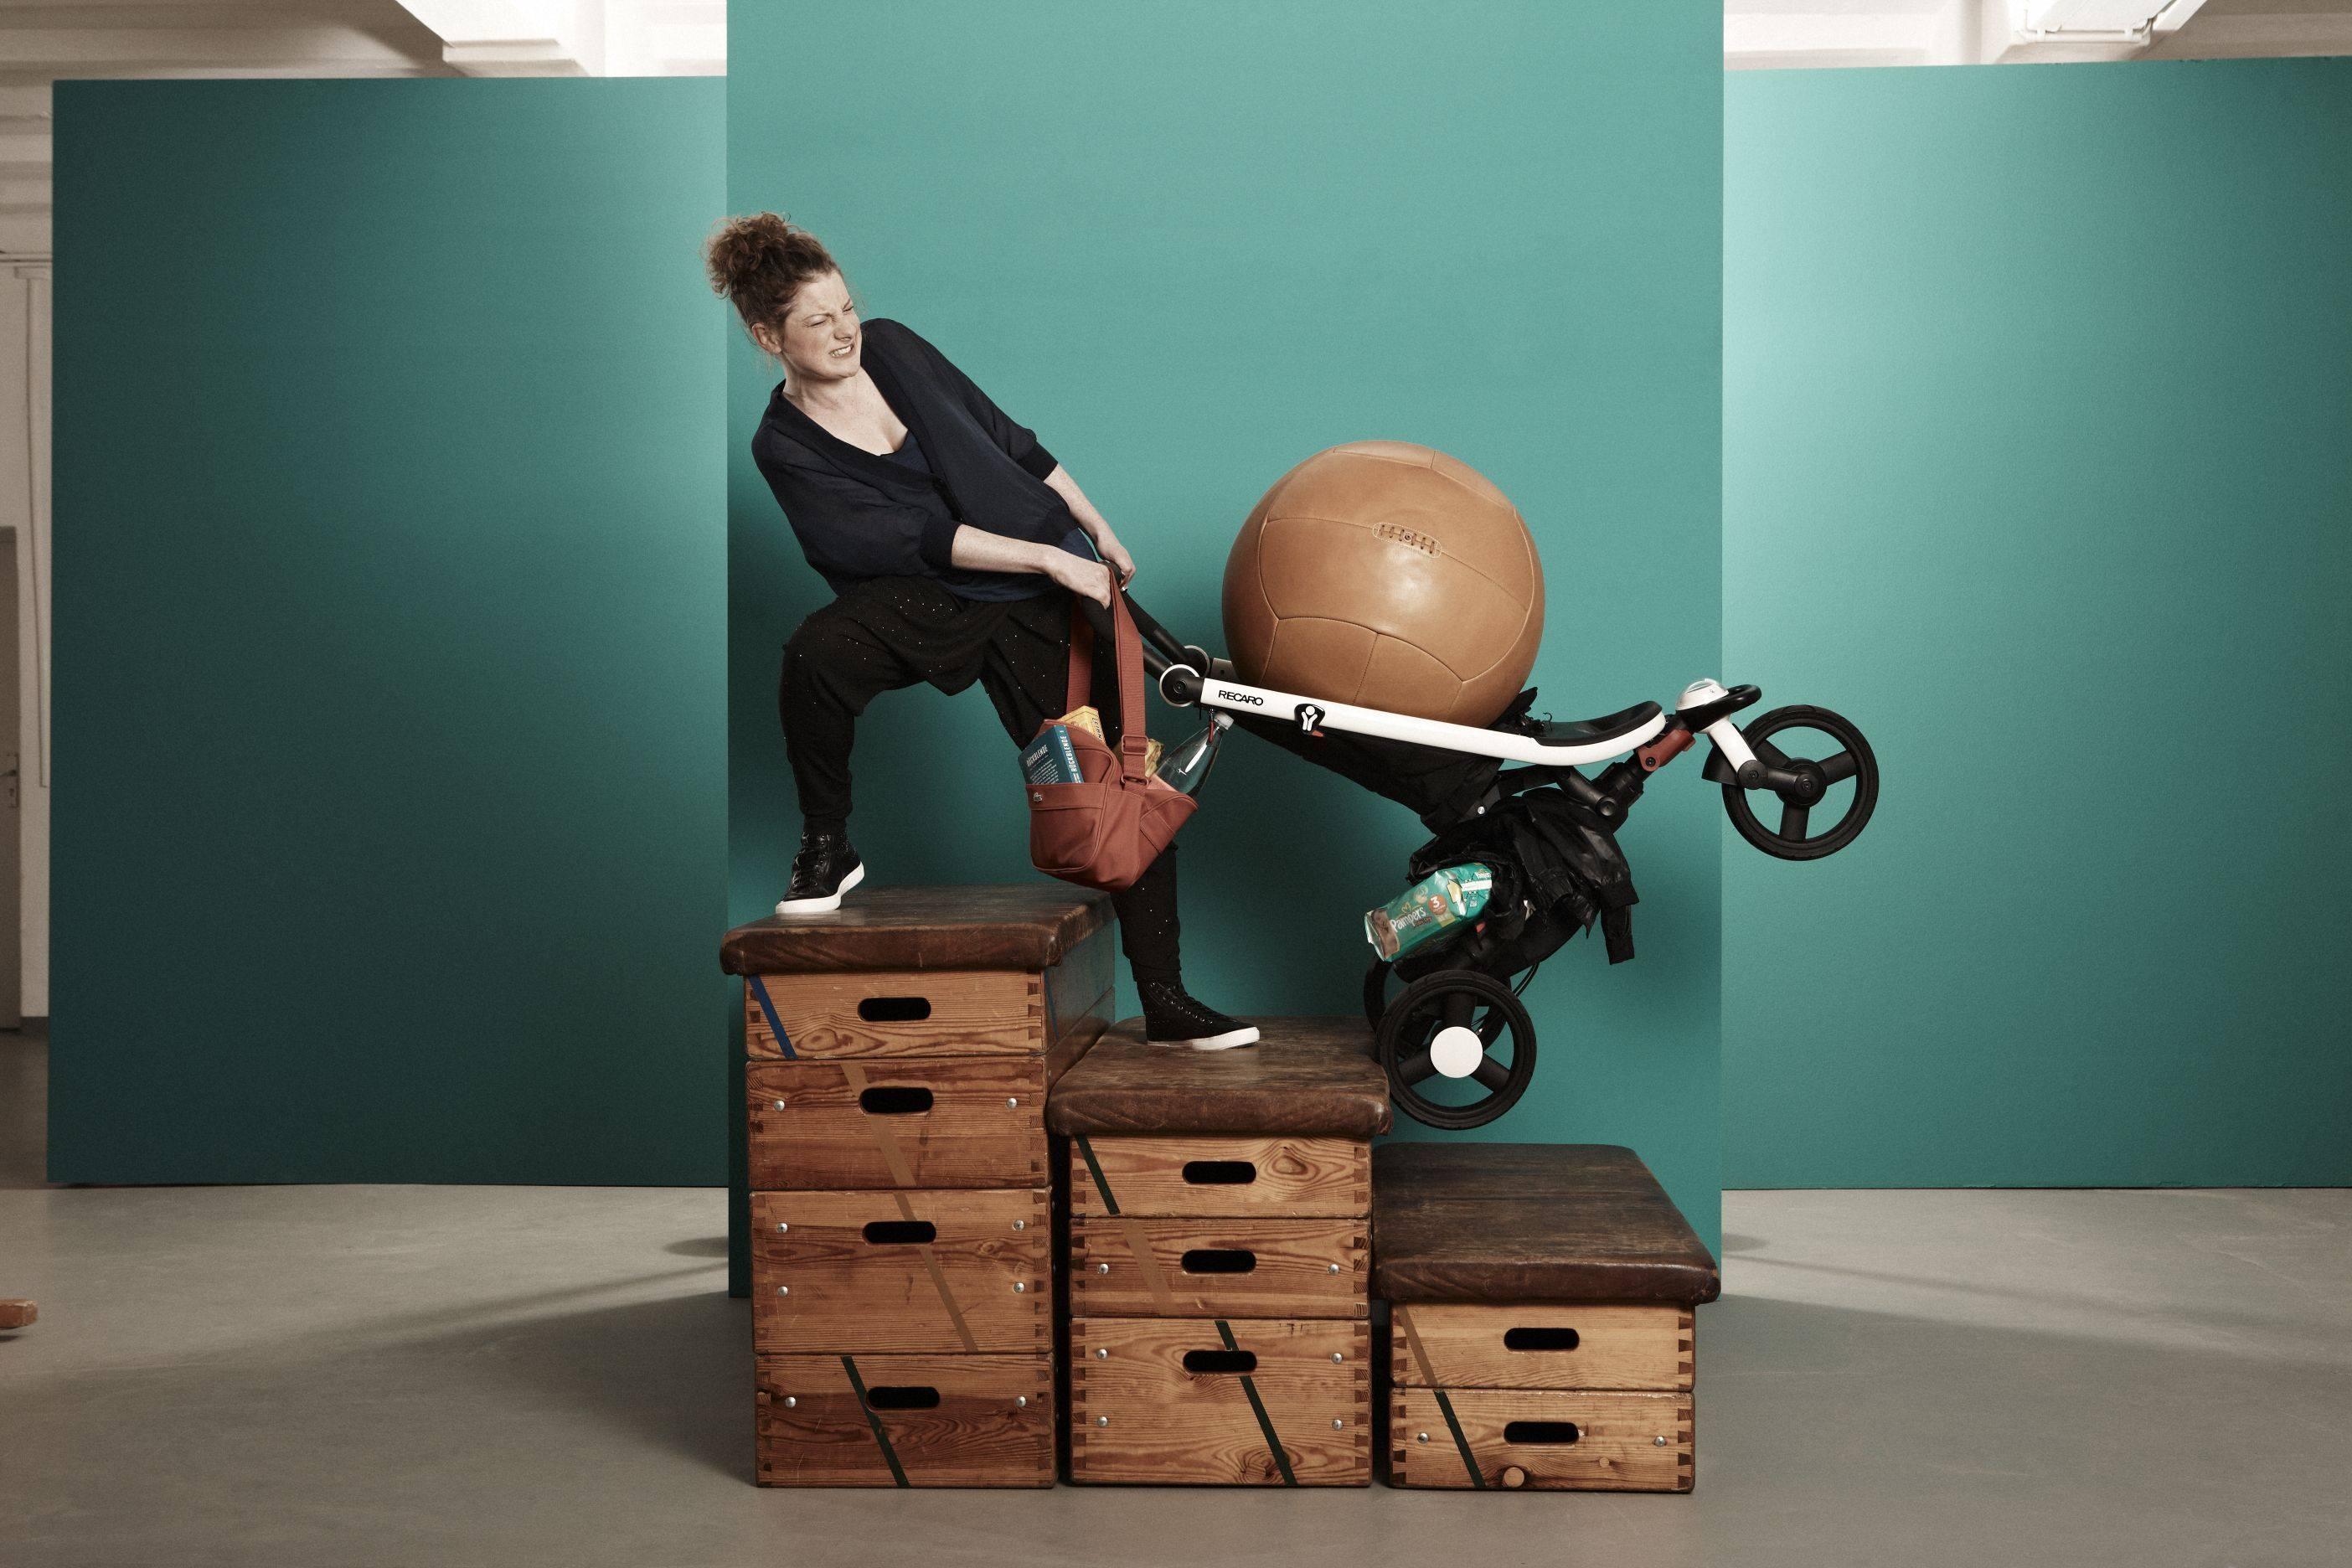 neu im zeitschriftenhandel brigitte mom das magazin mit starken nerven pressemitteilung. Black Bedroom Furniture Sets. Home Design Ideas